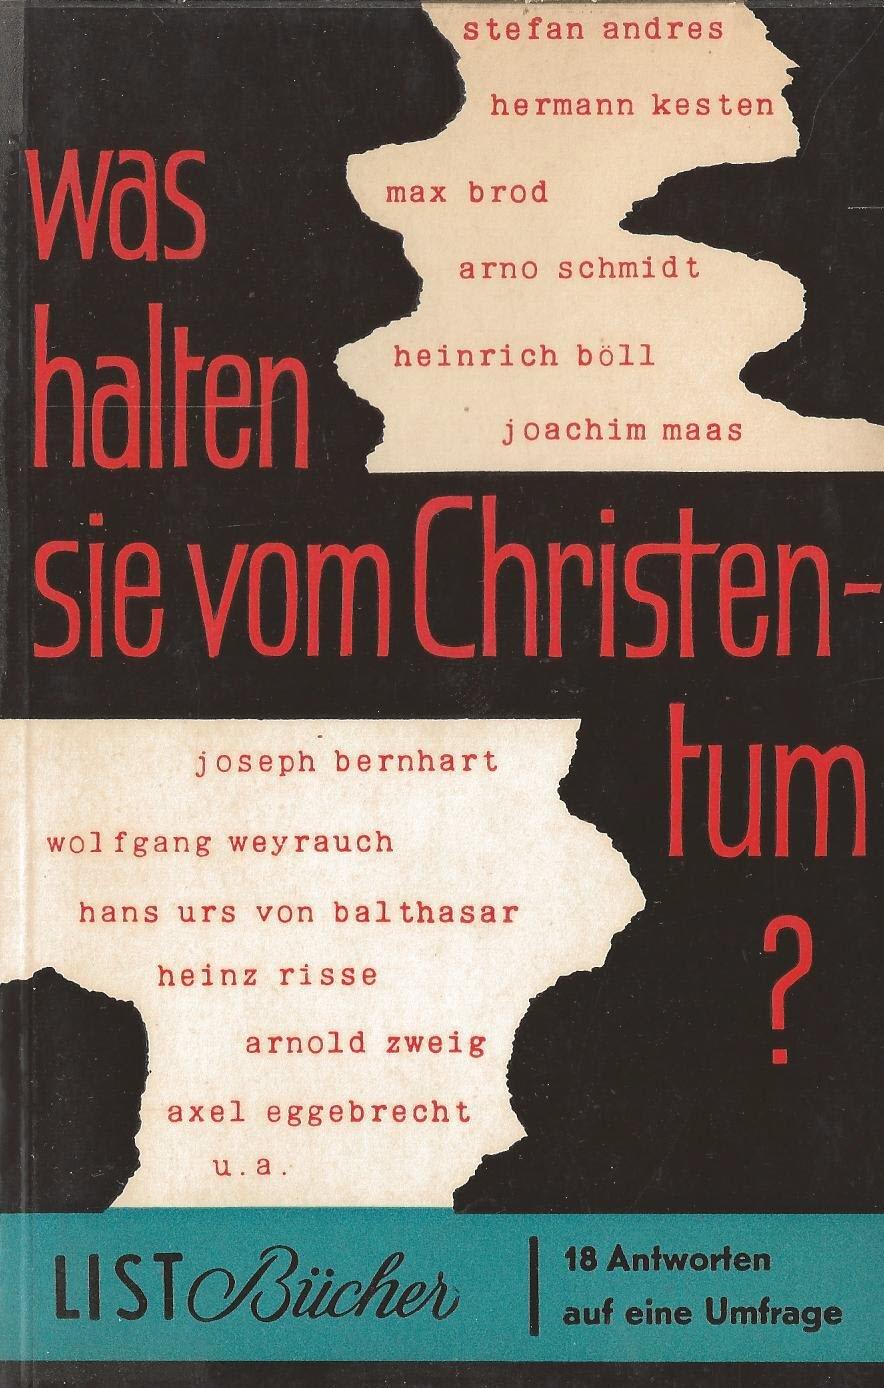 Was halten Sie vom Christentum?